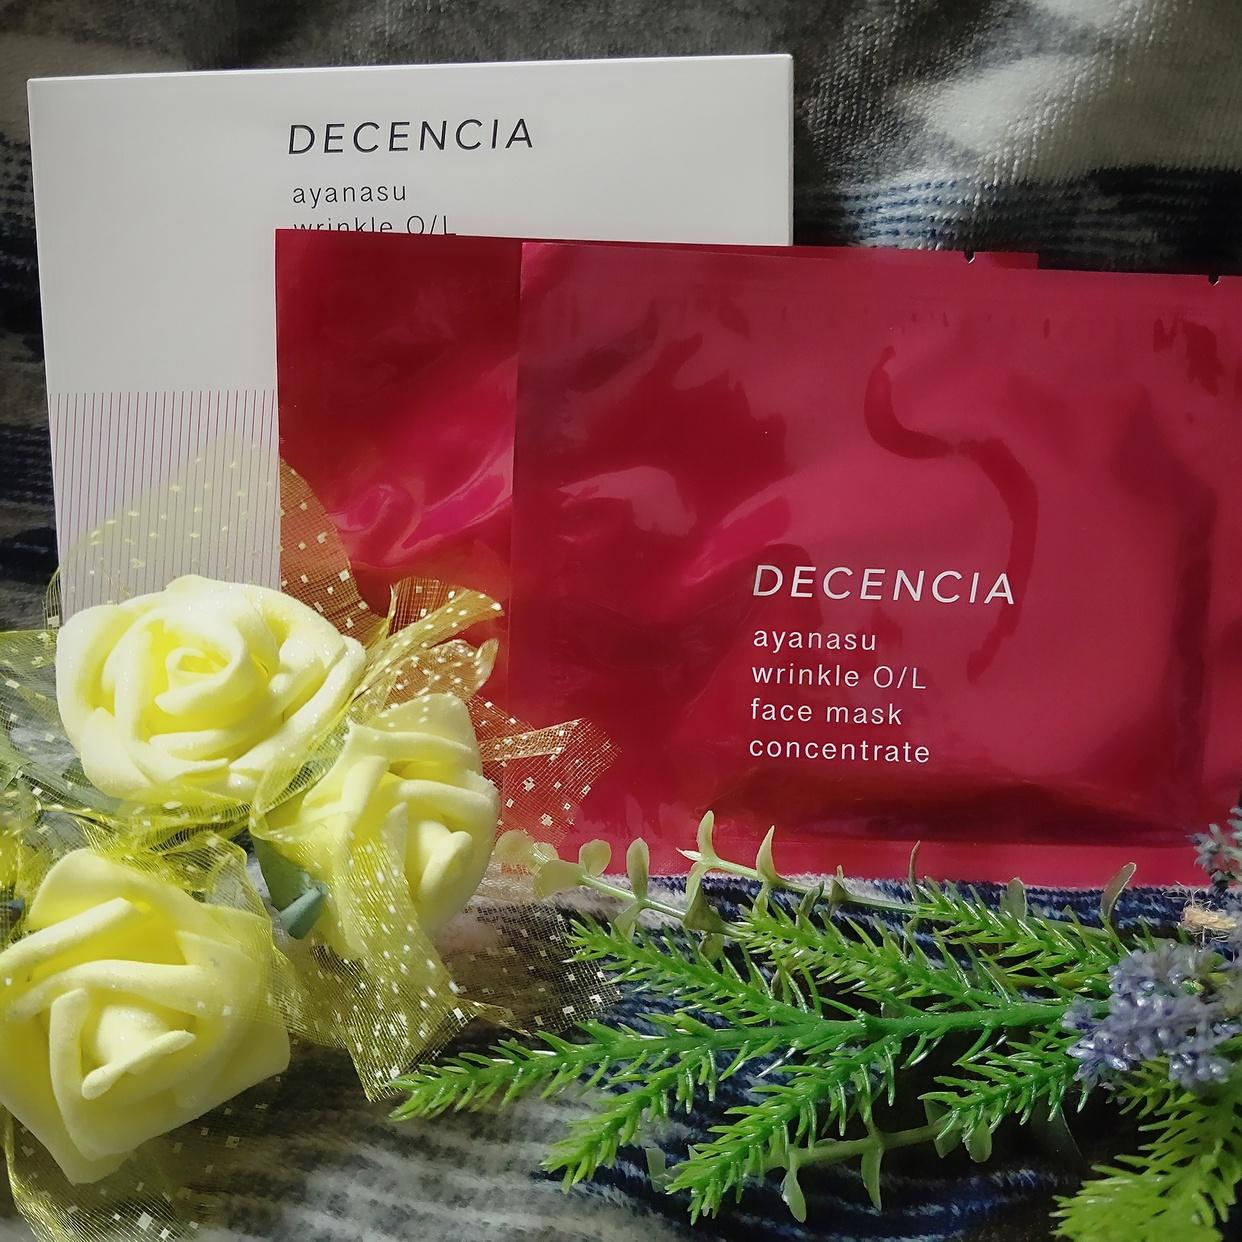 DECENCIA(ディンセンシア) アヤナス リンクルO/L フェイスマスク コンセントレートを使ったまおぽこさんのクチコミ画像